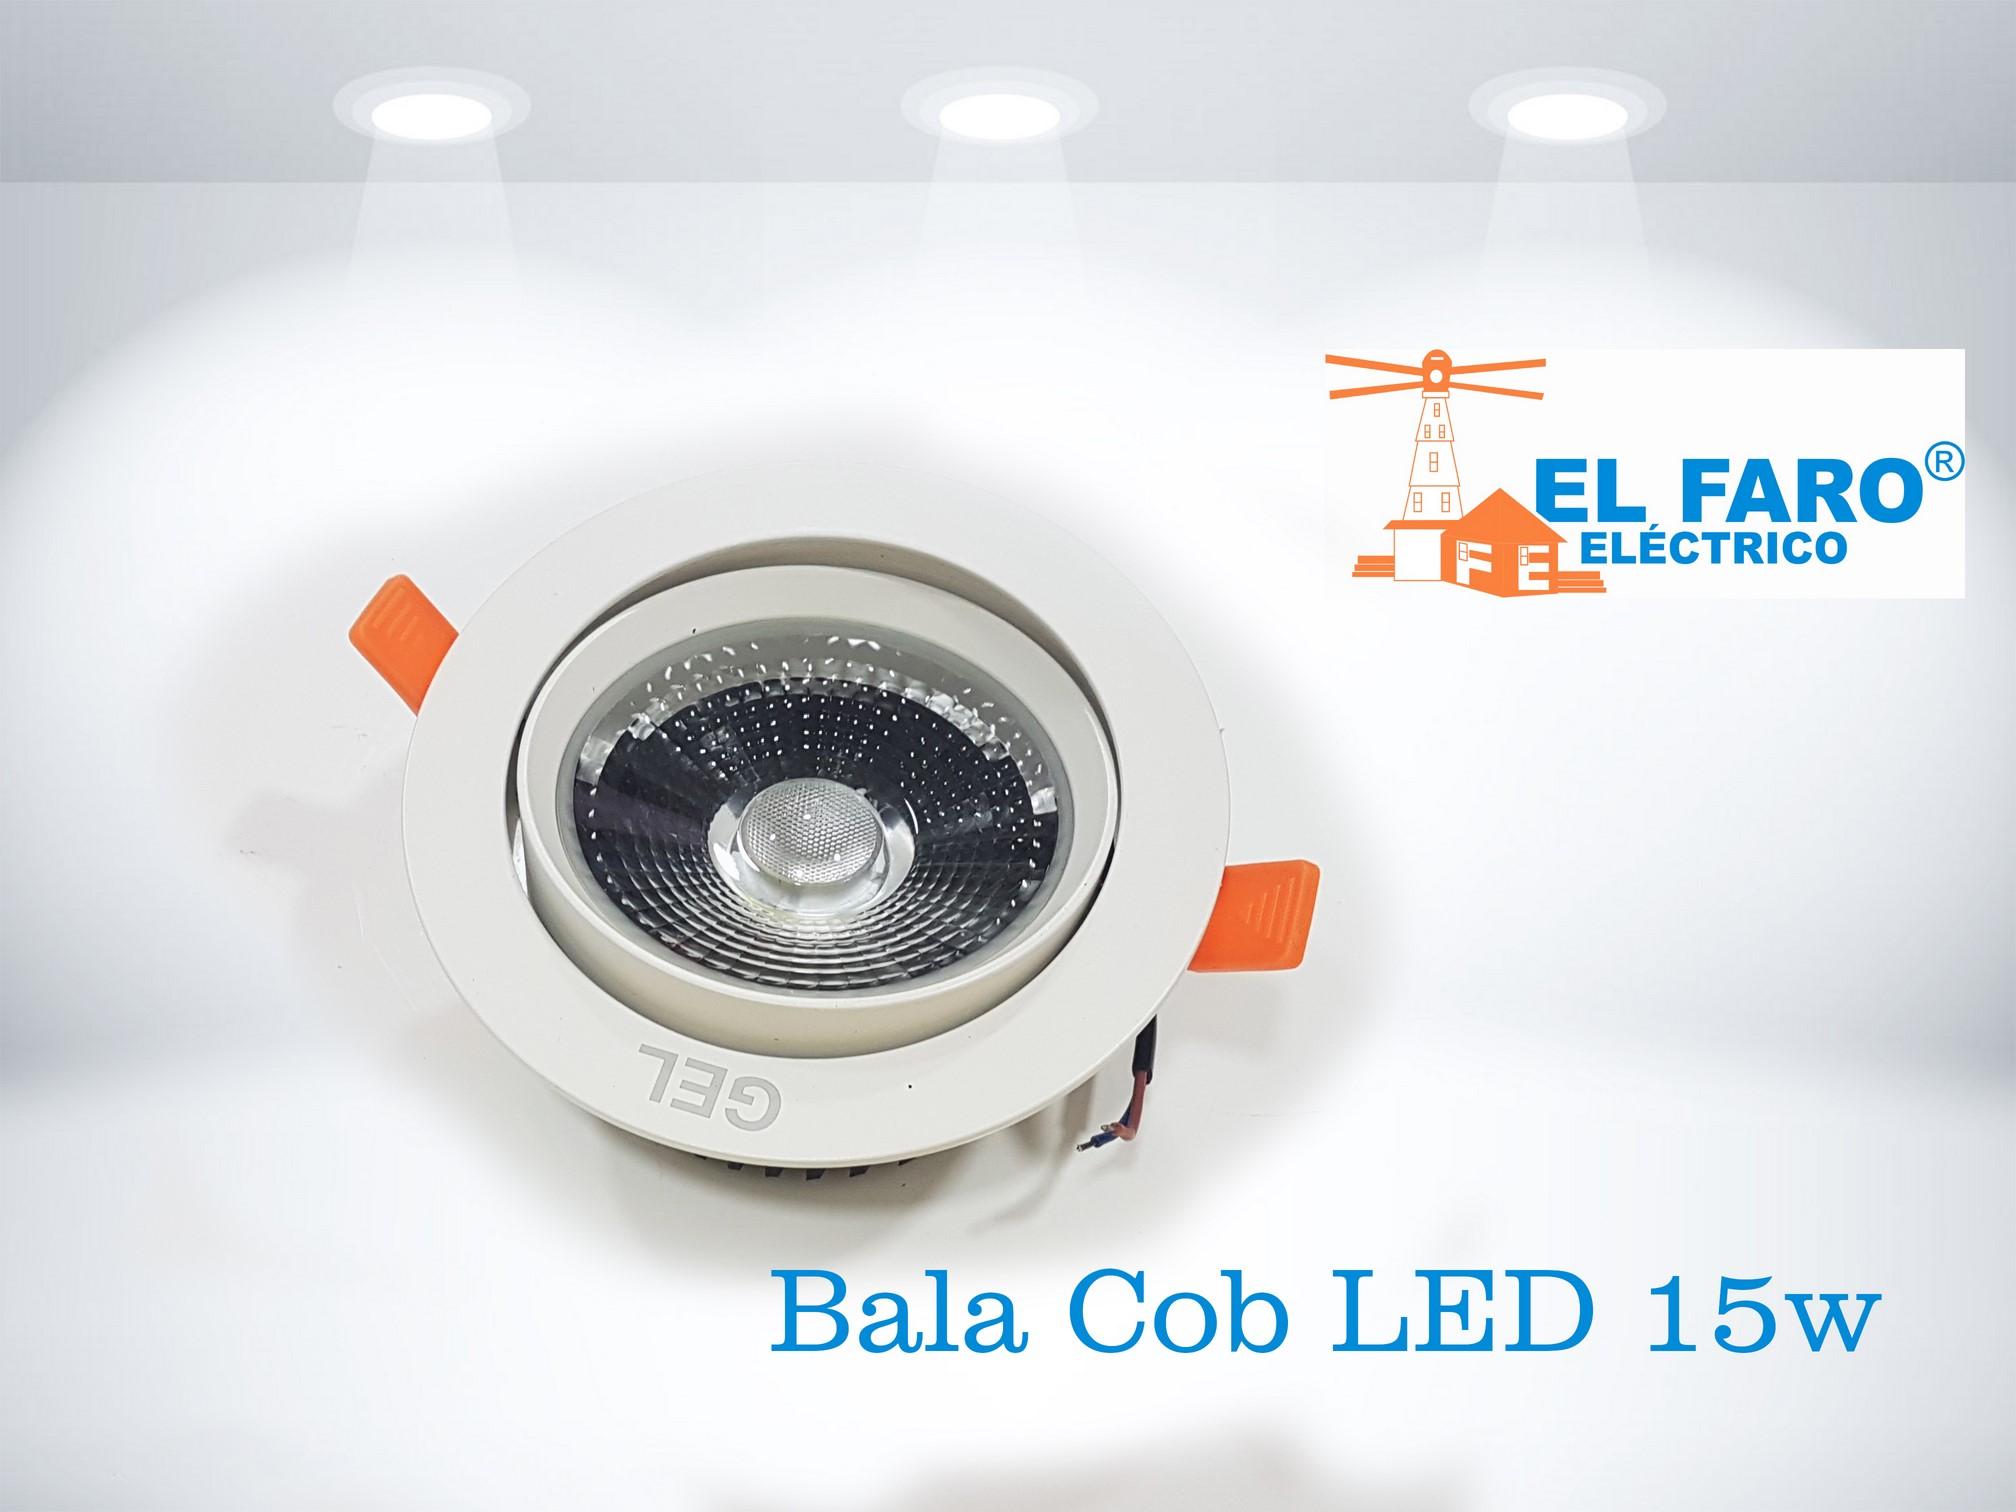 Bala Cob LED 15w